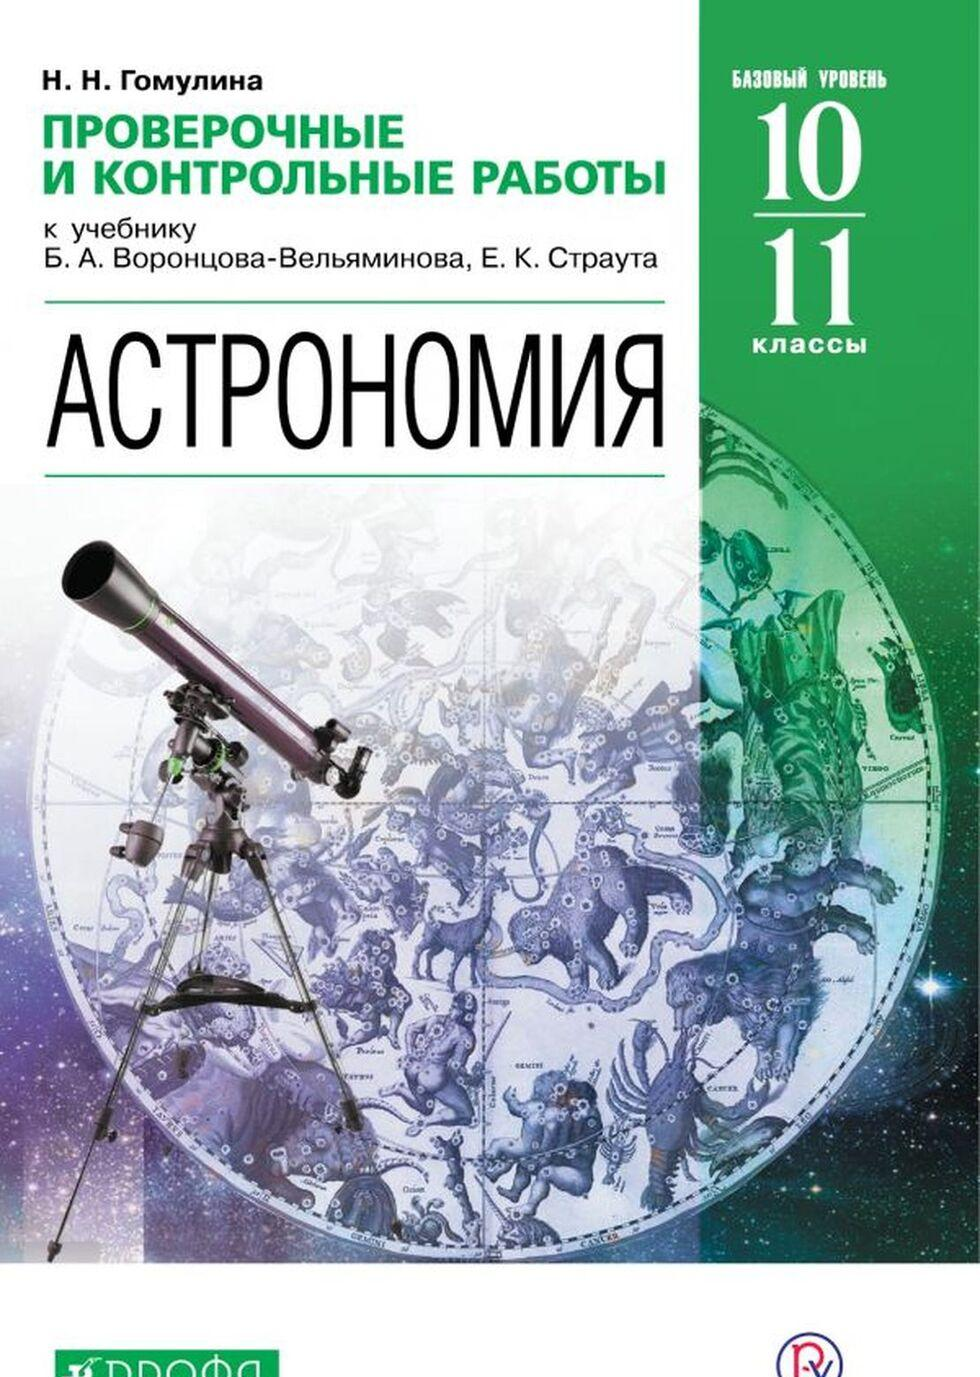 Astronomija. 10-11 klassy. Proverochnye i kontrolnye raboty. K uchebniku B.A. Vorontsova-Veljaminova, E.K. Strauta